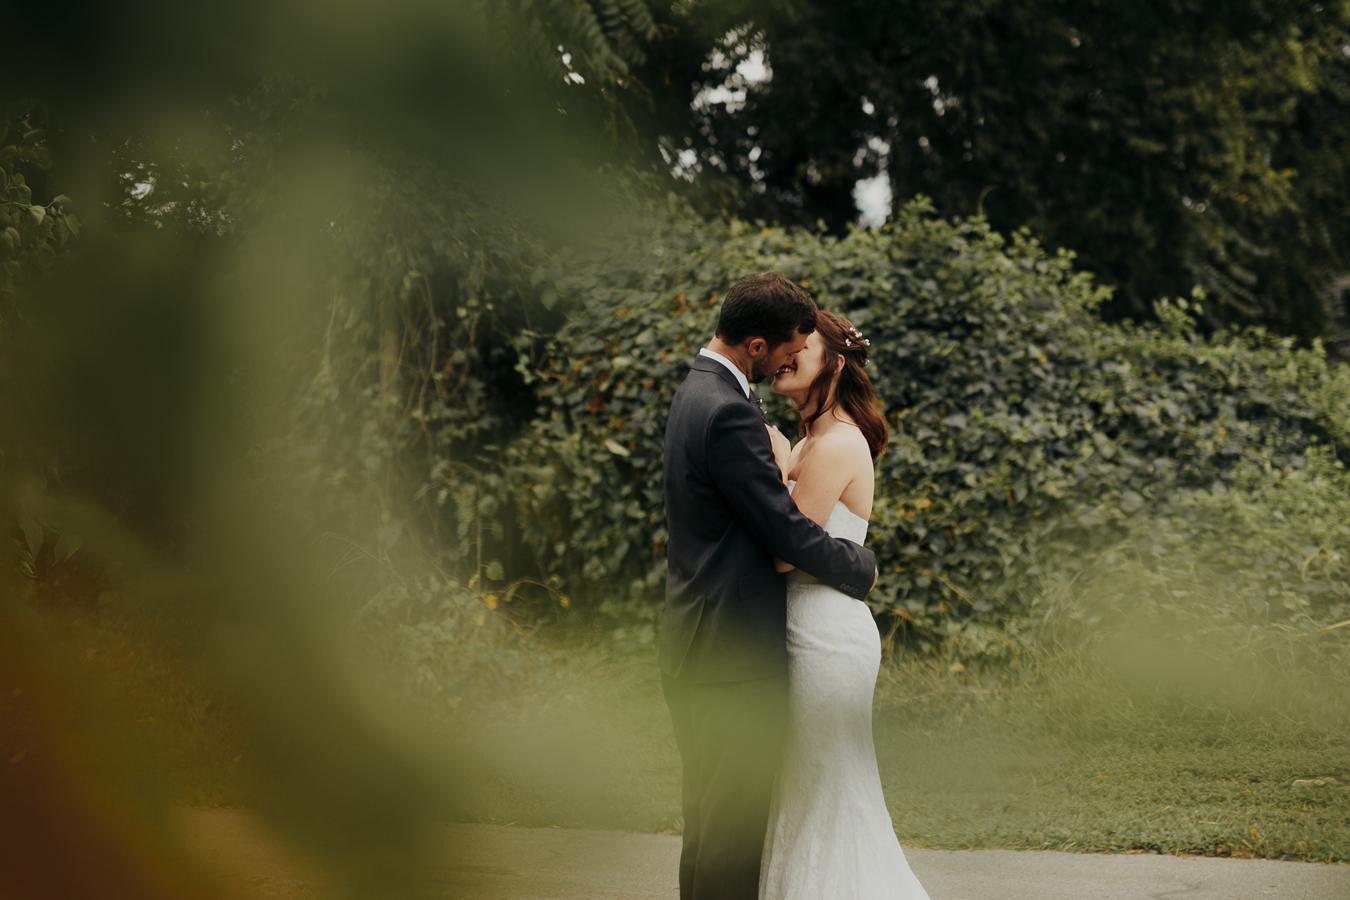 Nashville Wedding Photograpger - Photography Anthology-73.jpg